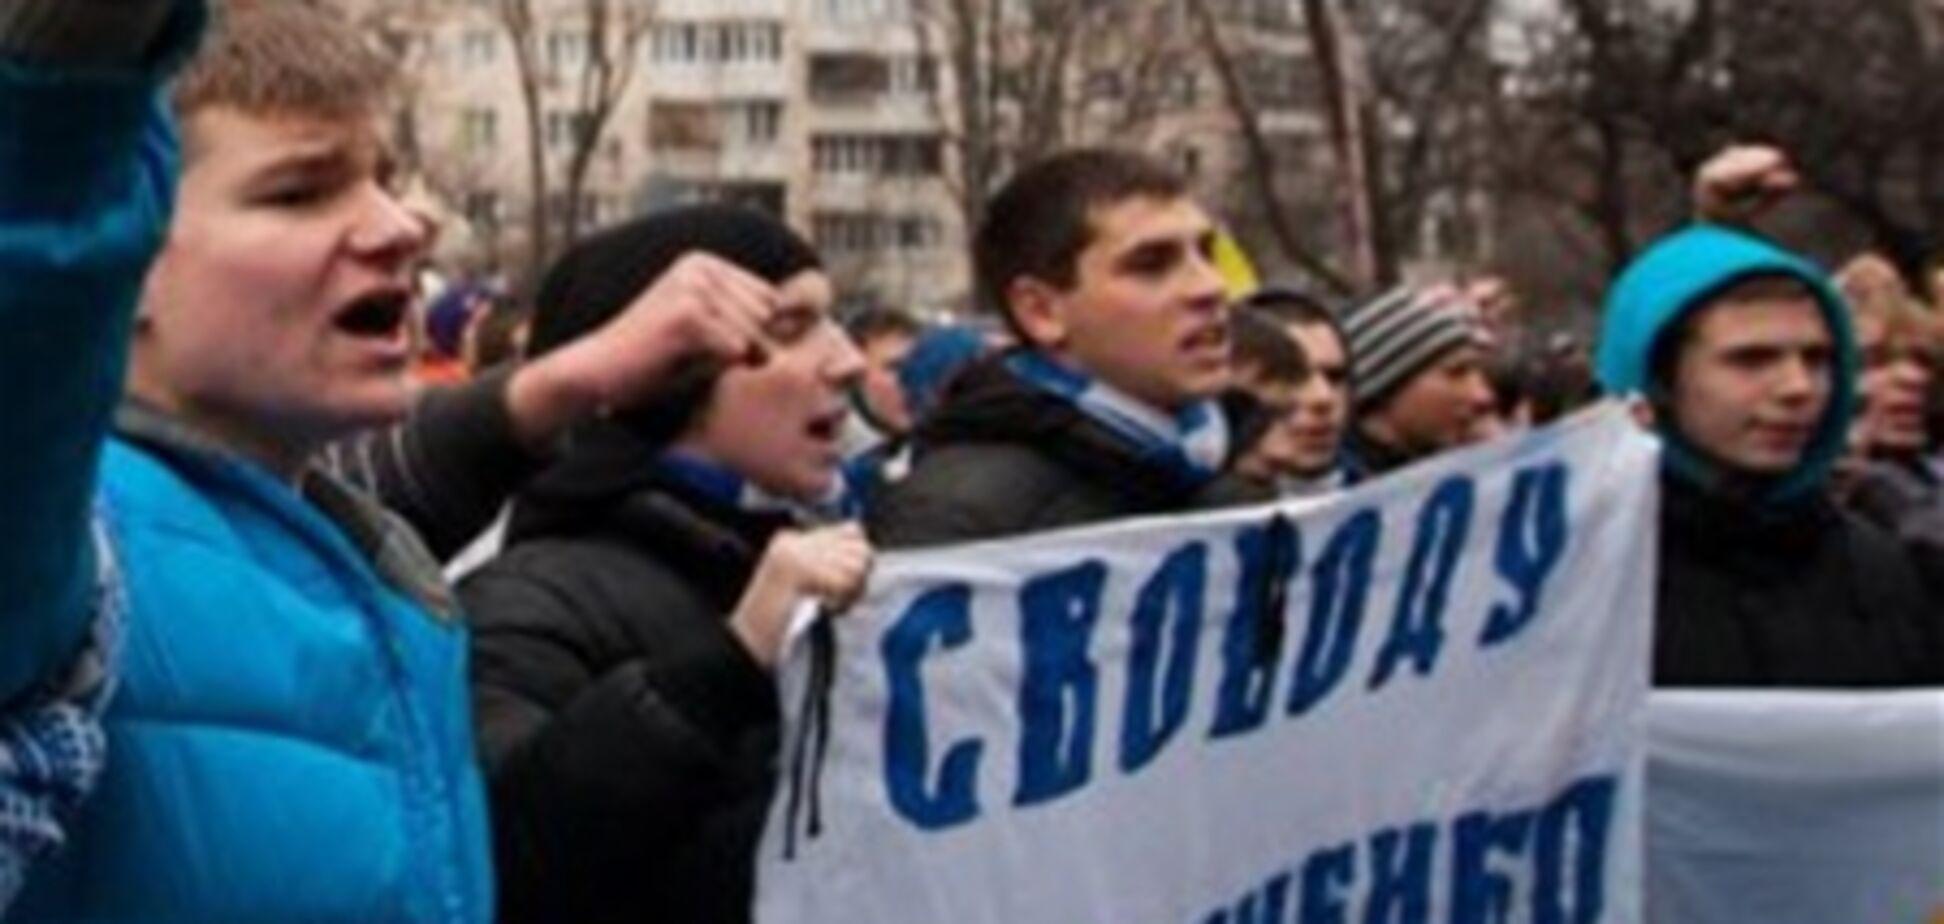 У Харкові затримано 20 учасників ходи на підтримку Павличенко. Відео